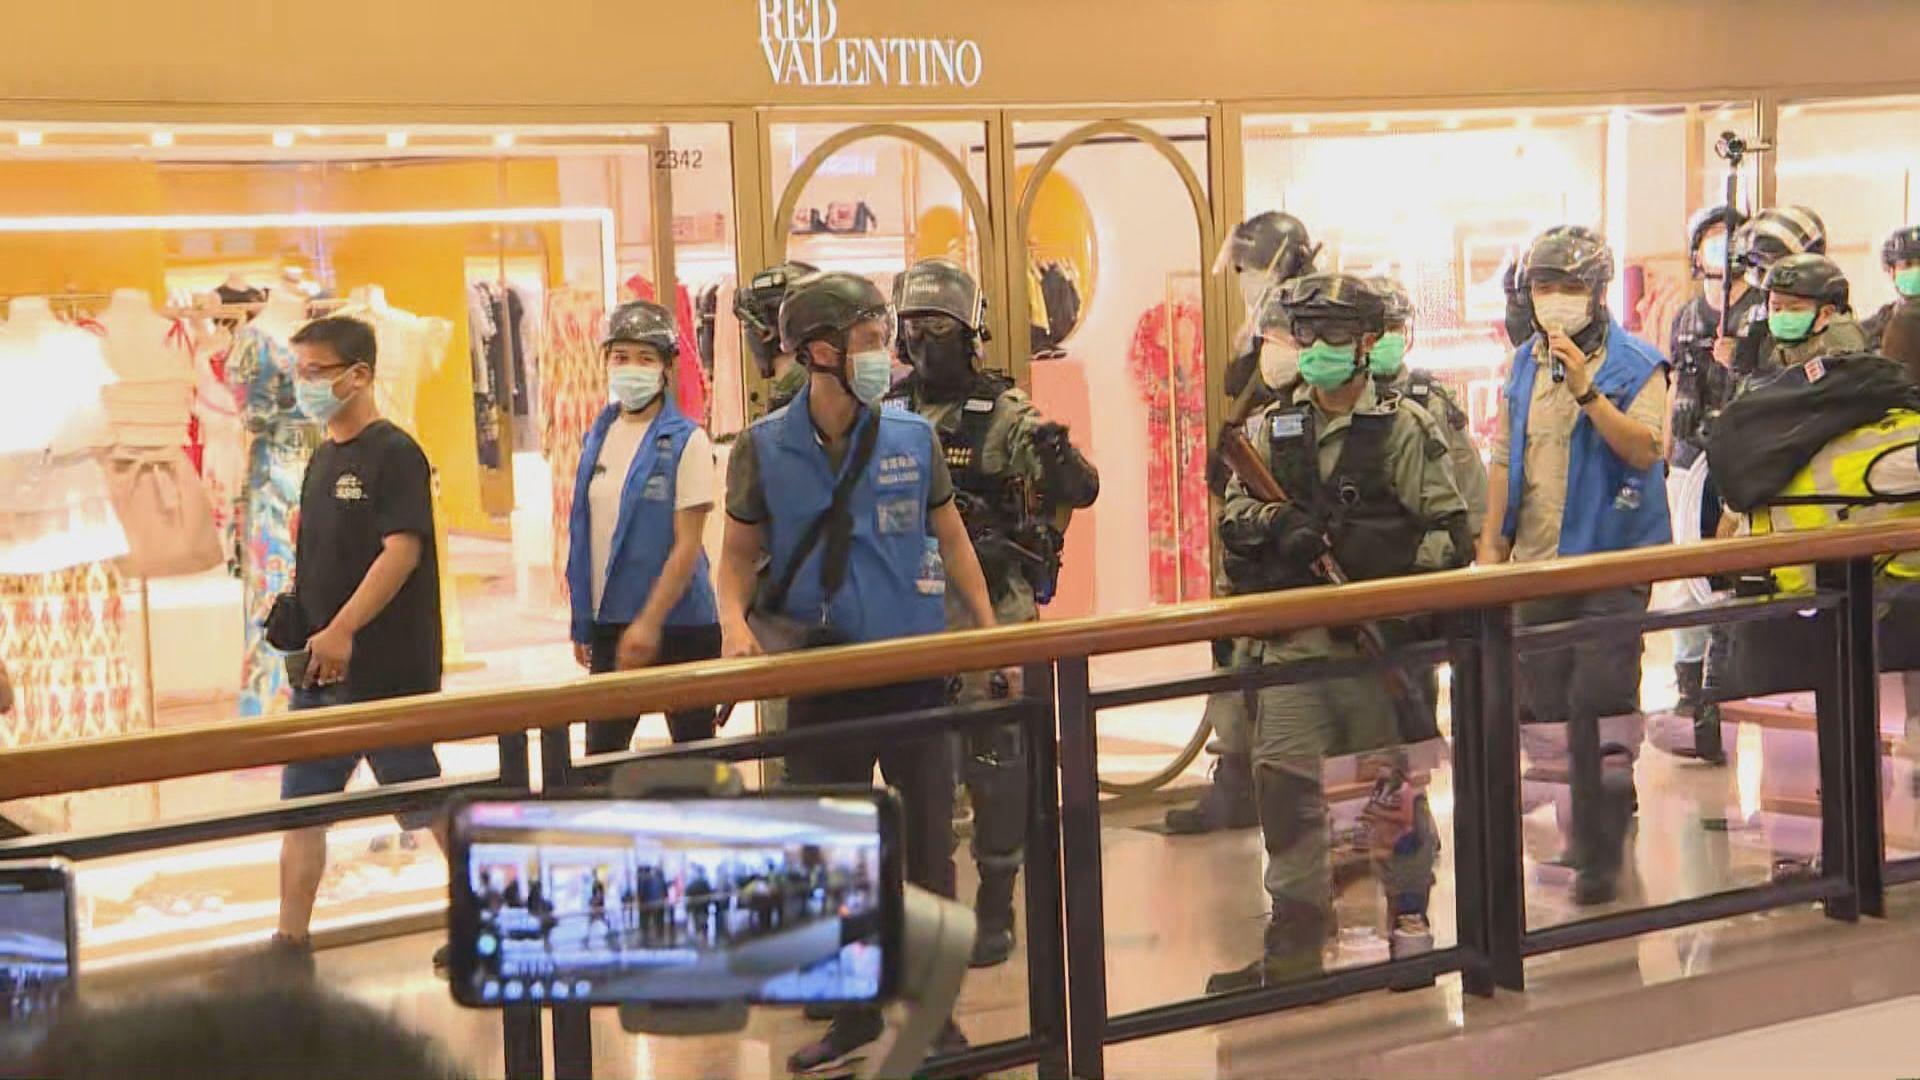 大批市民在海港城唱歌叫口號 警員進入商場驅趕